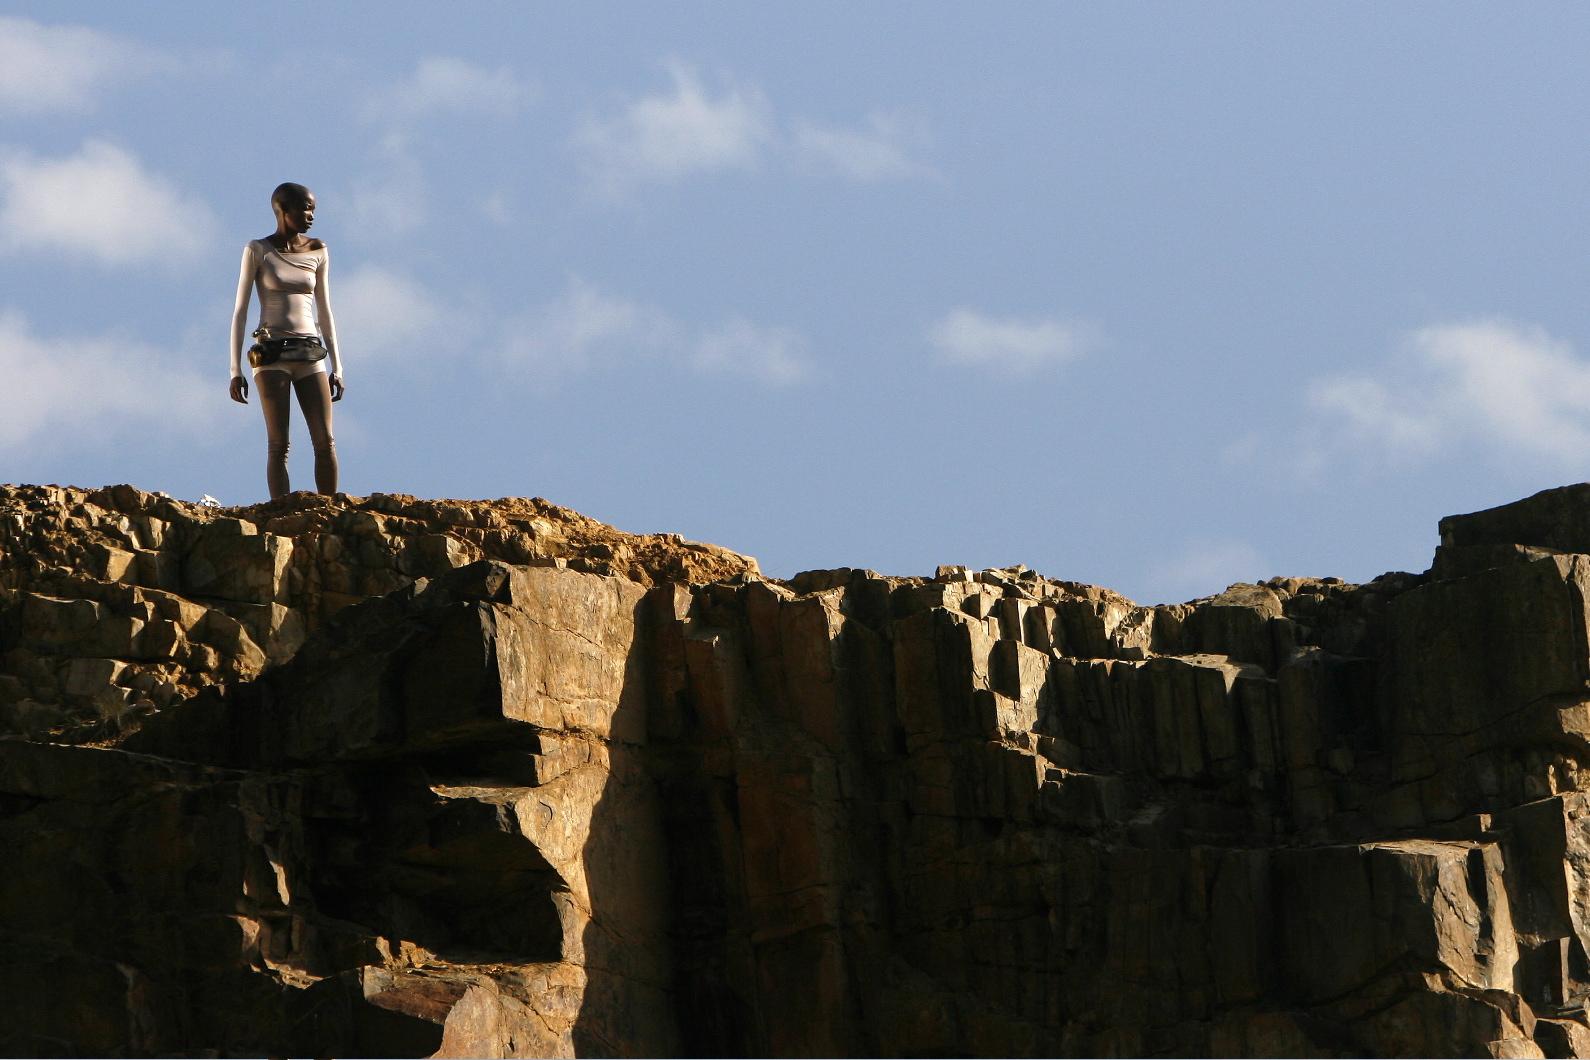 Wanuri Kahiu, Pumzi (film still). 2009